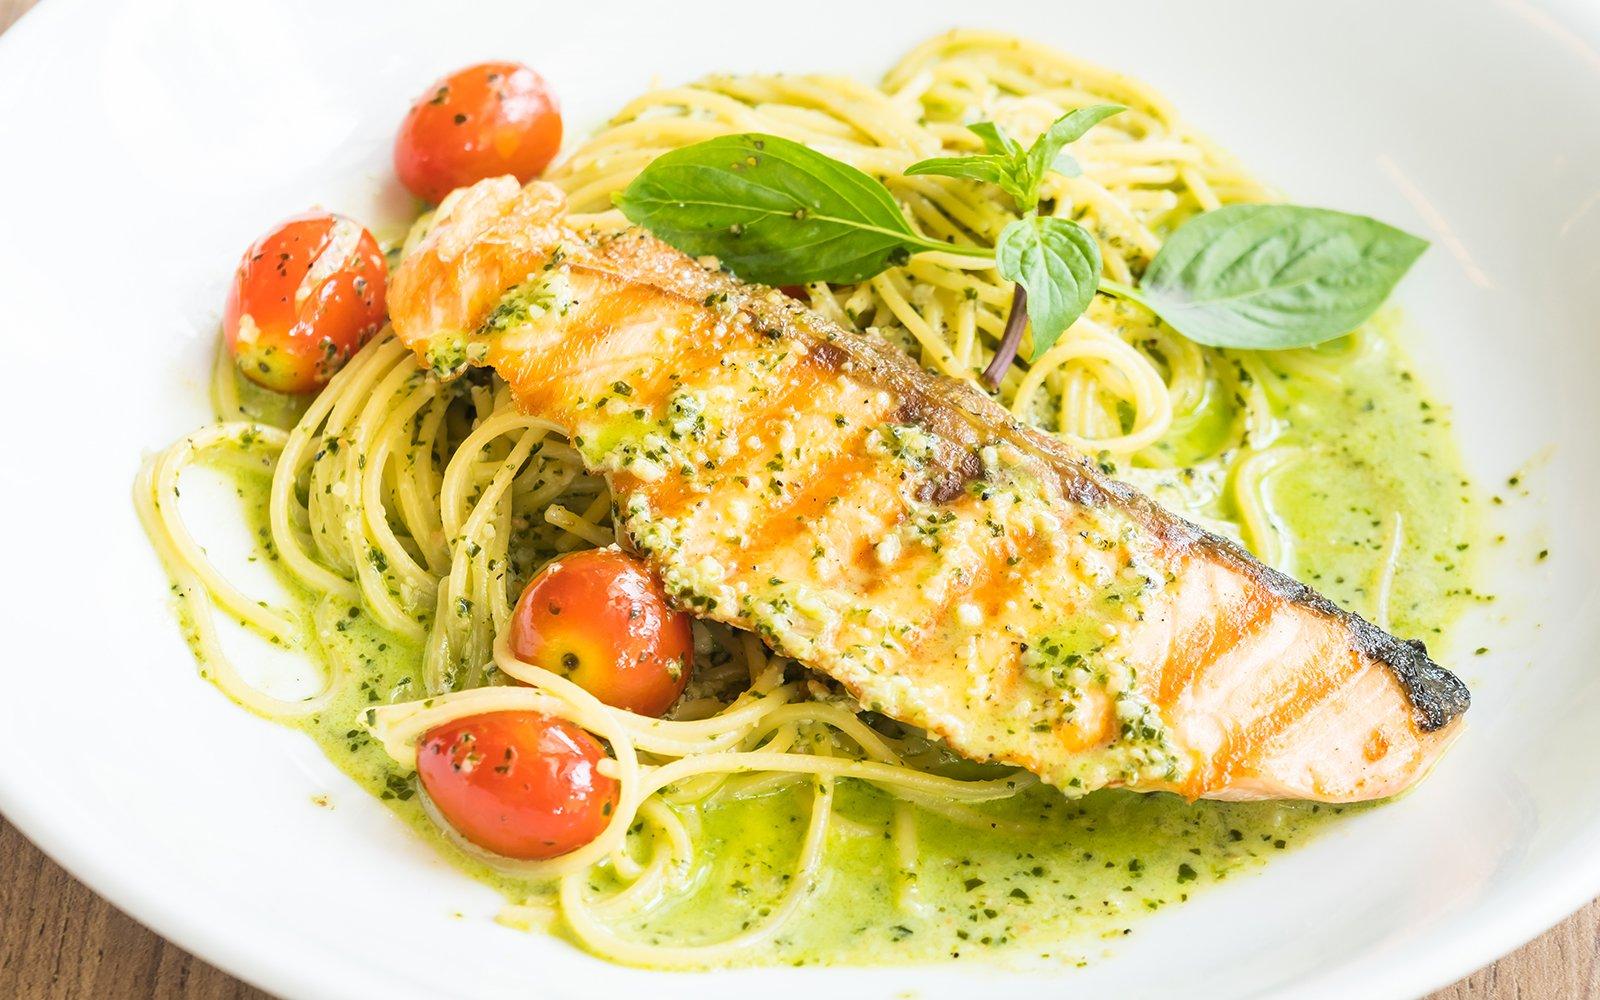 un piatto di spaghetti con il pesto,pomodorini e sopra un trancio di salmone ai ferri